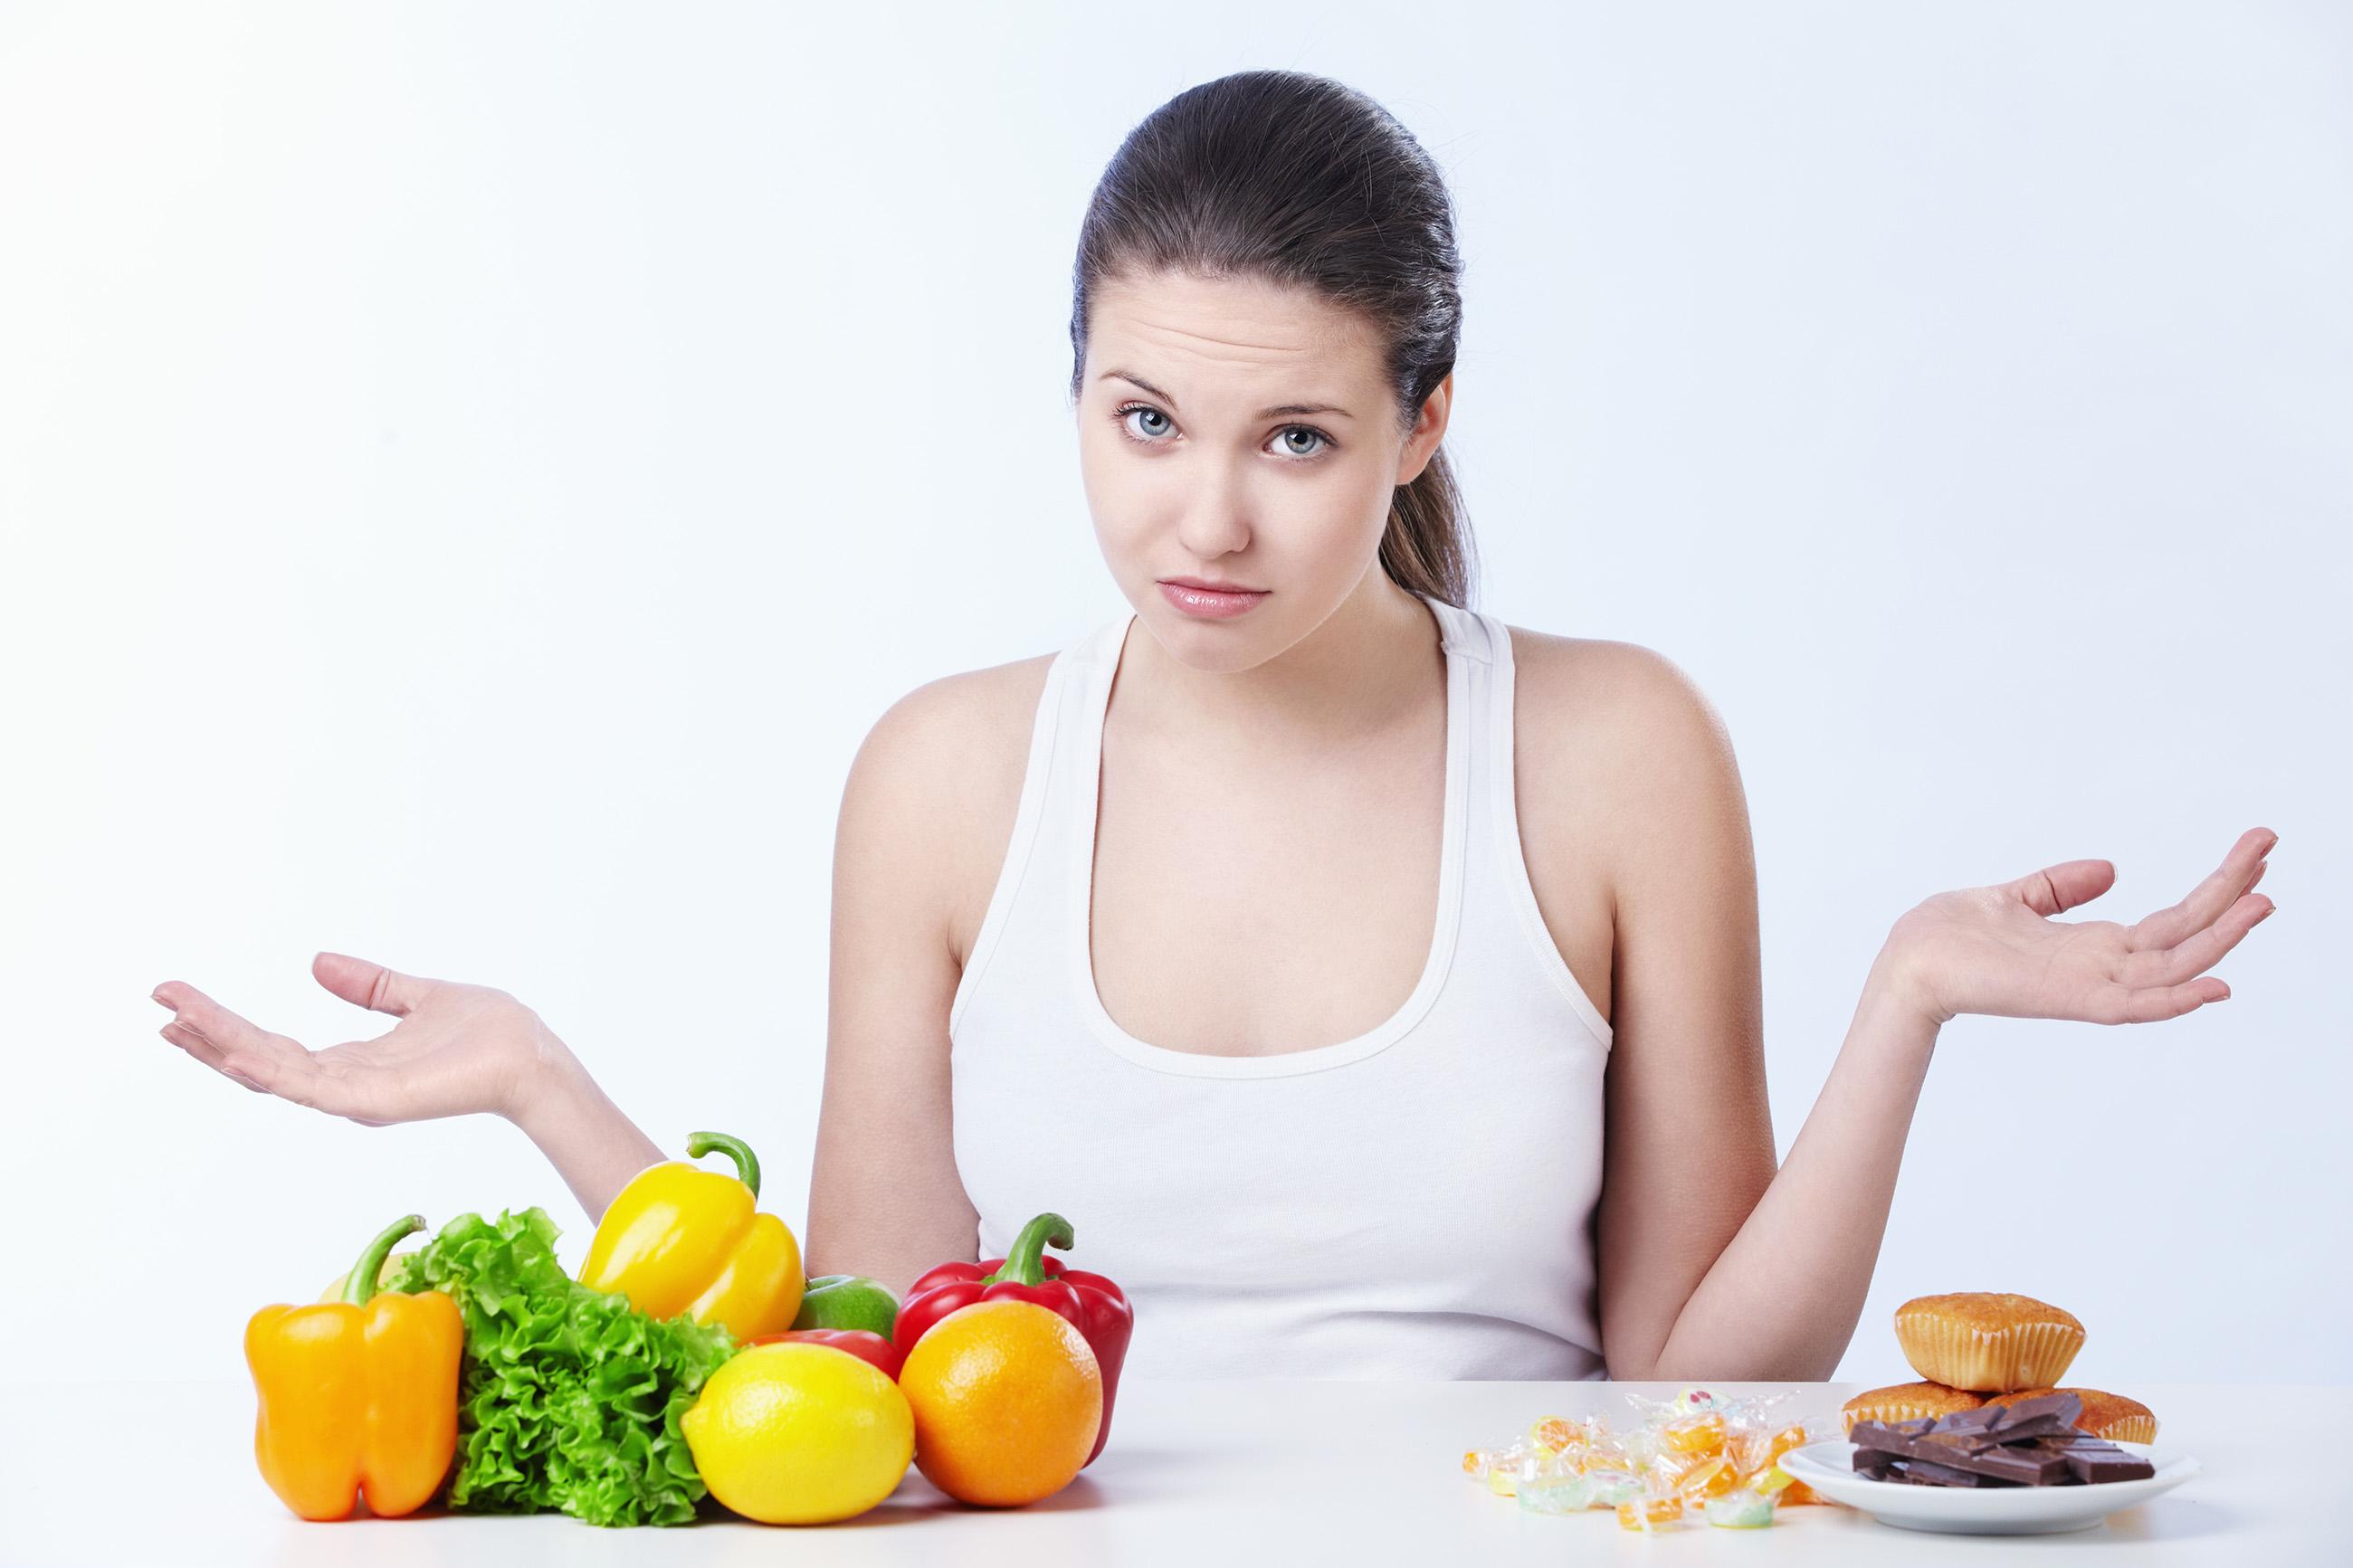 Bí kíp ngừa tăng cân ở phụ nữ trung niên